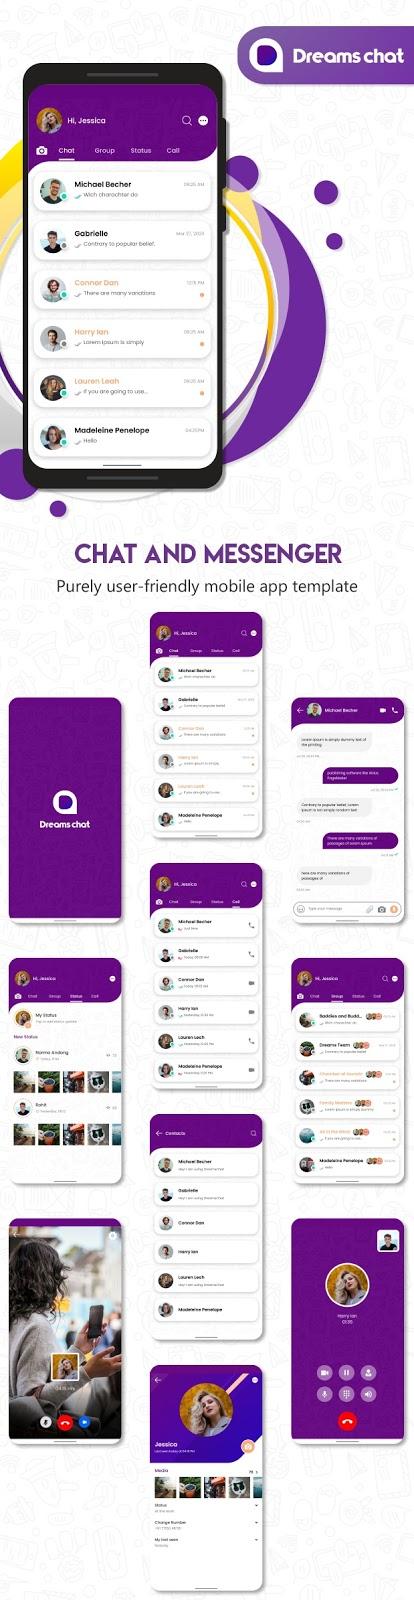 Mobile App Template Framework 7